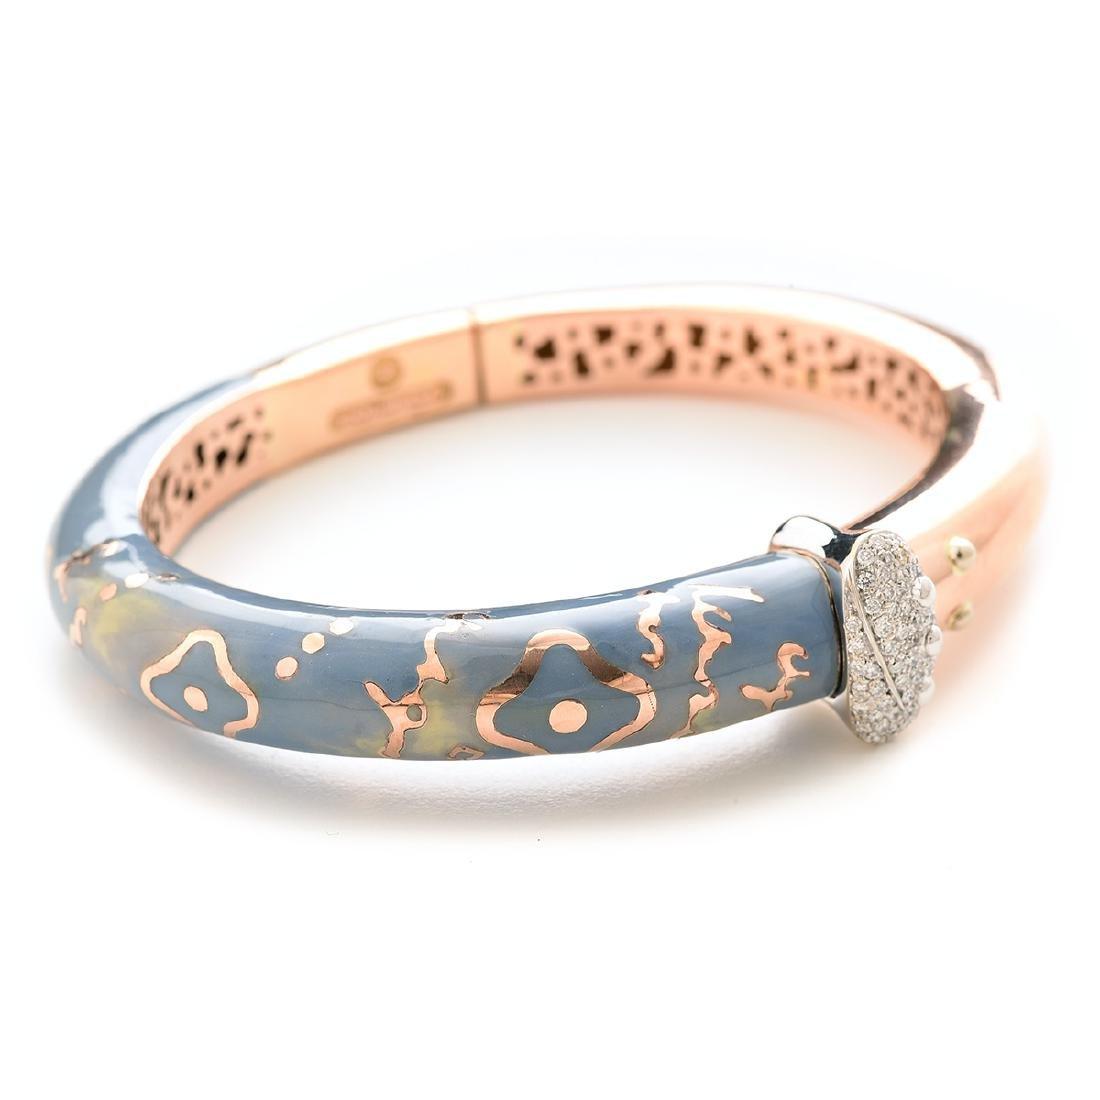 La Nouvelle Bague Diamond, Enamel, 18k Gold Bracelet.